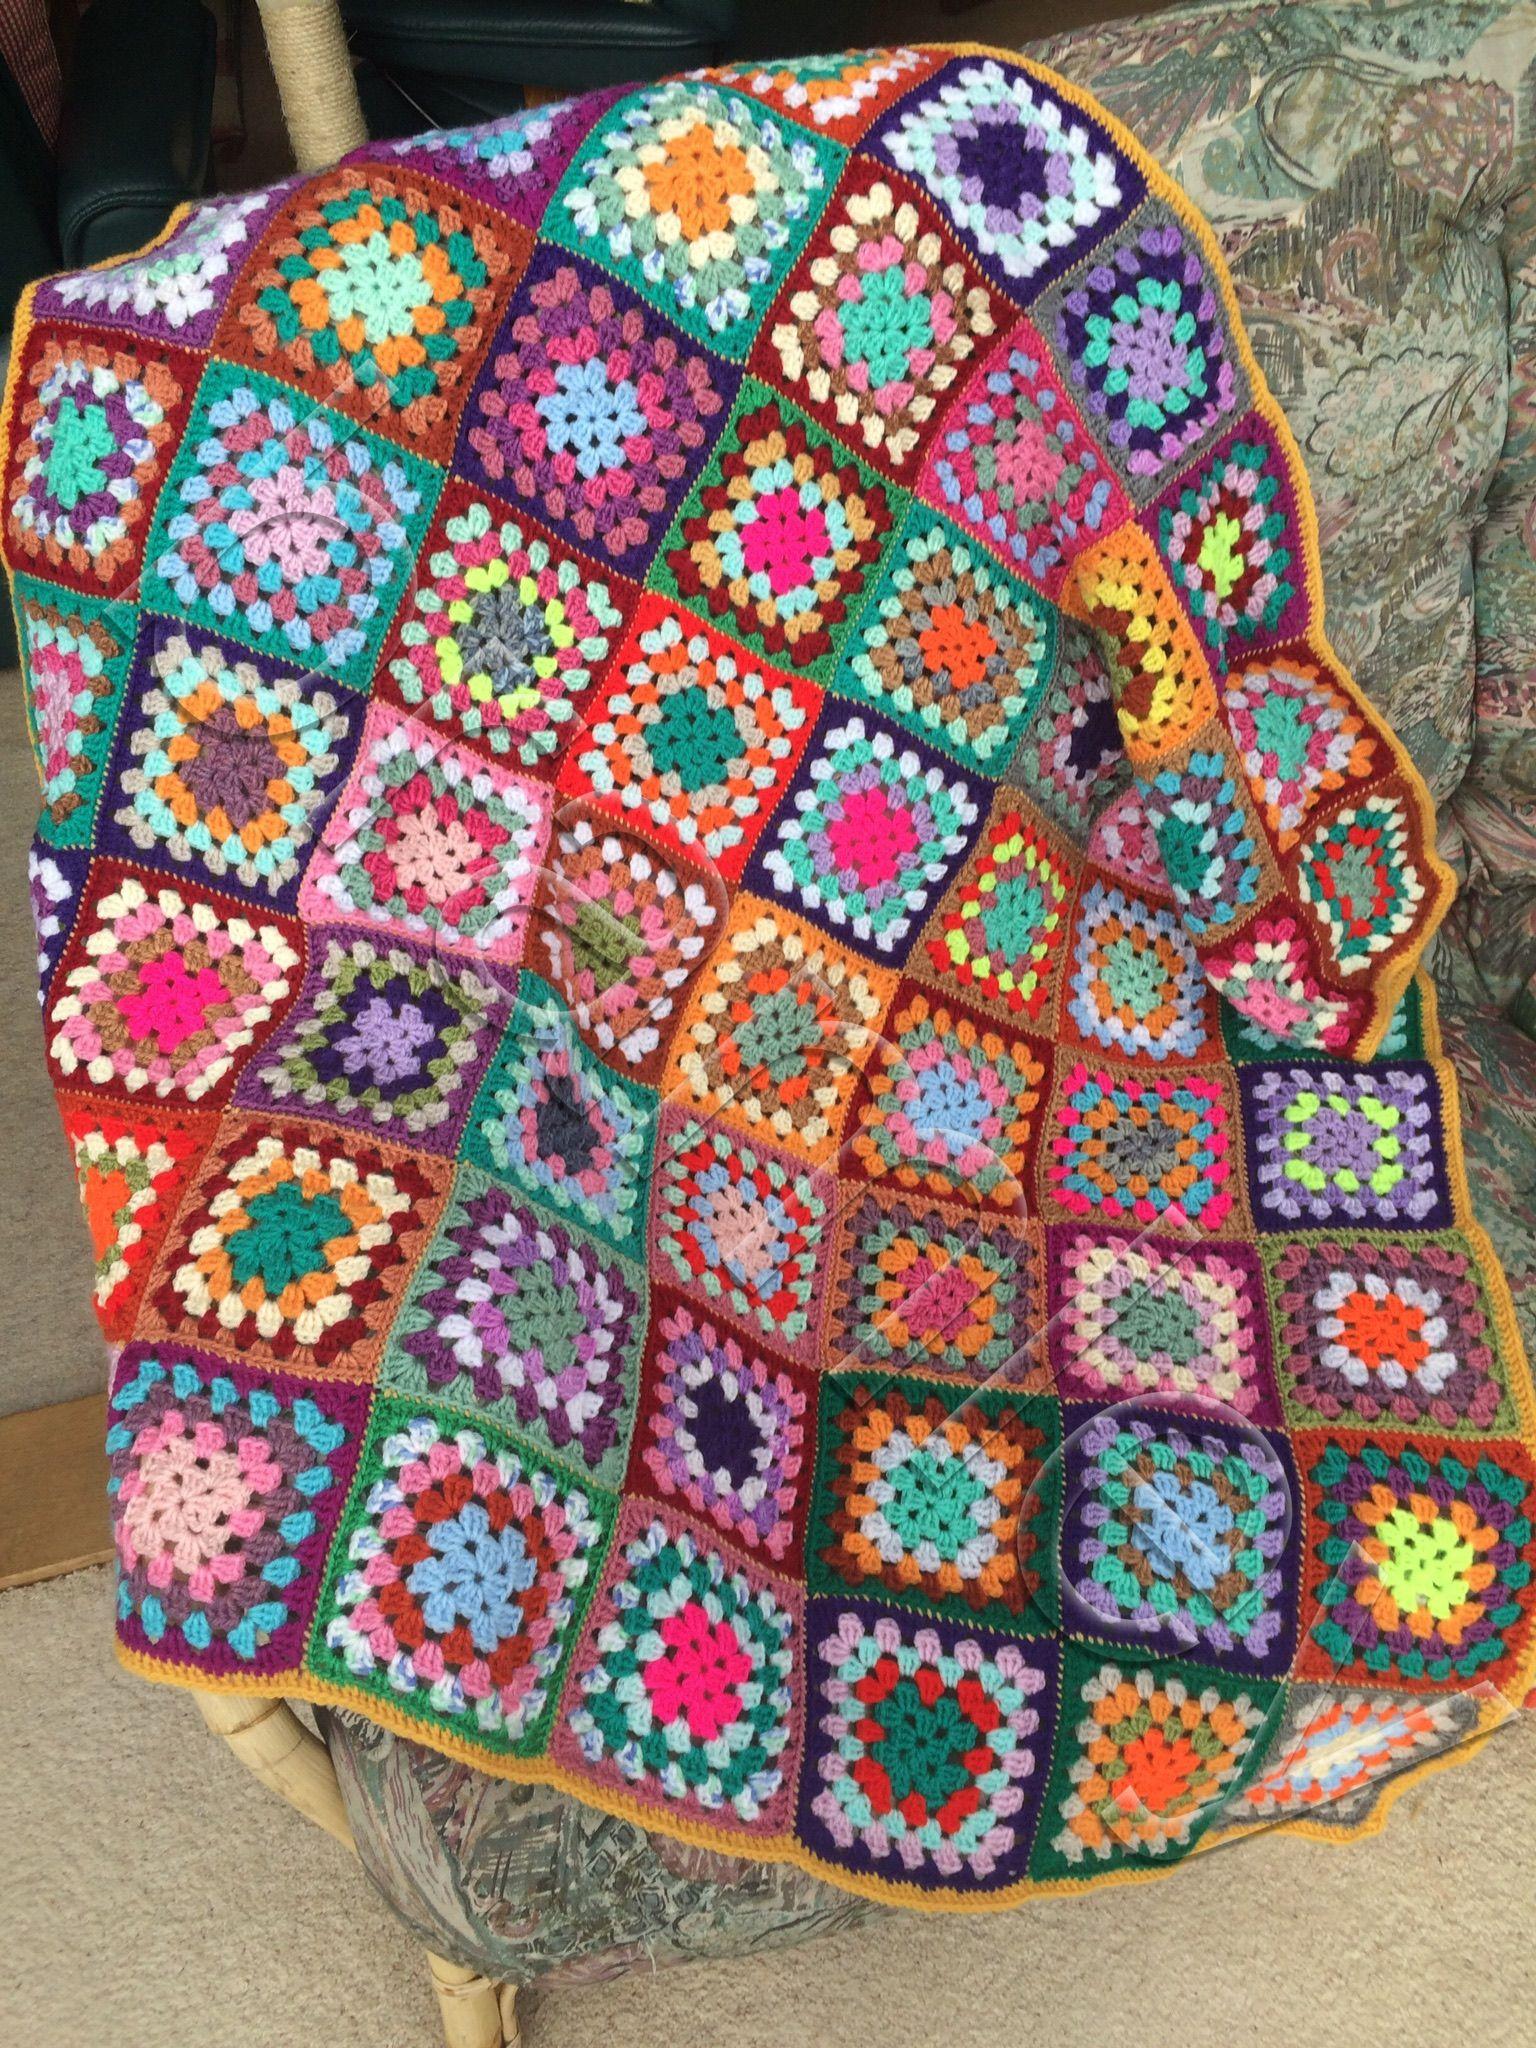 Pin by Jean Shepherd on Crochet throws | Pinterest